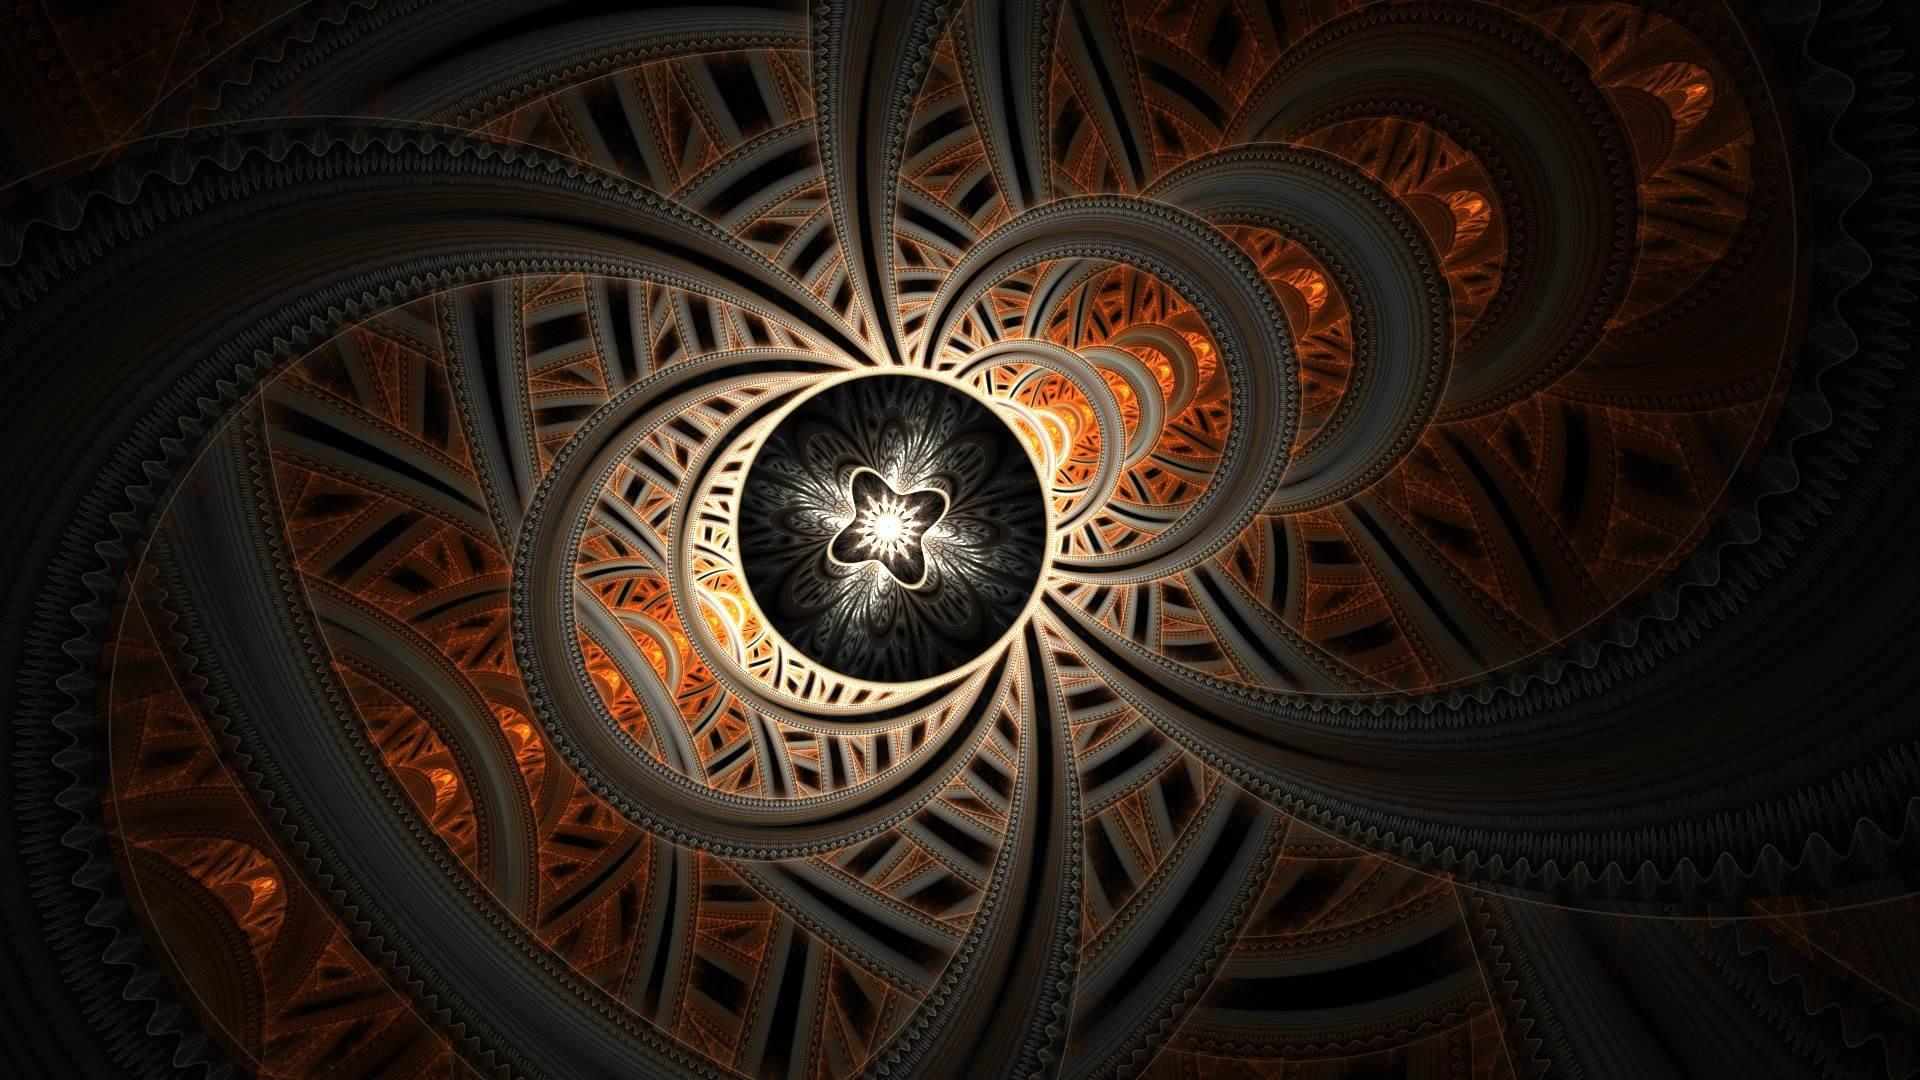 Abstract Fractals Wallpaper HD Wallpapers Pics 1920×1080 Fractal Wallpapers  1080p | Adorable Wallpapers